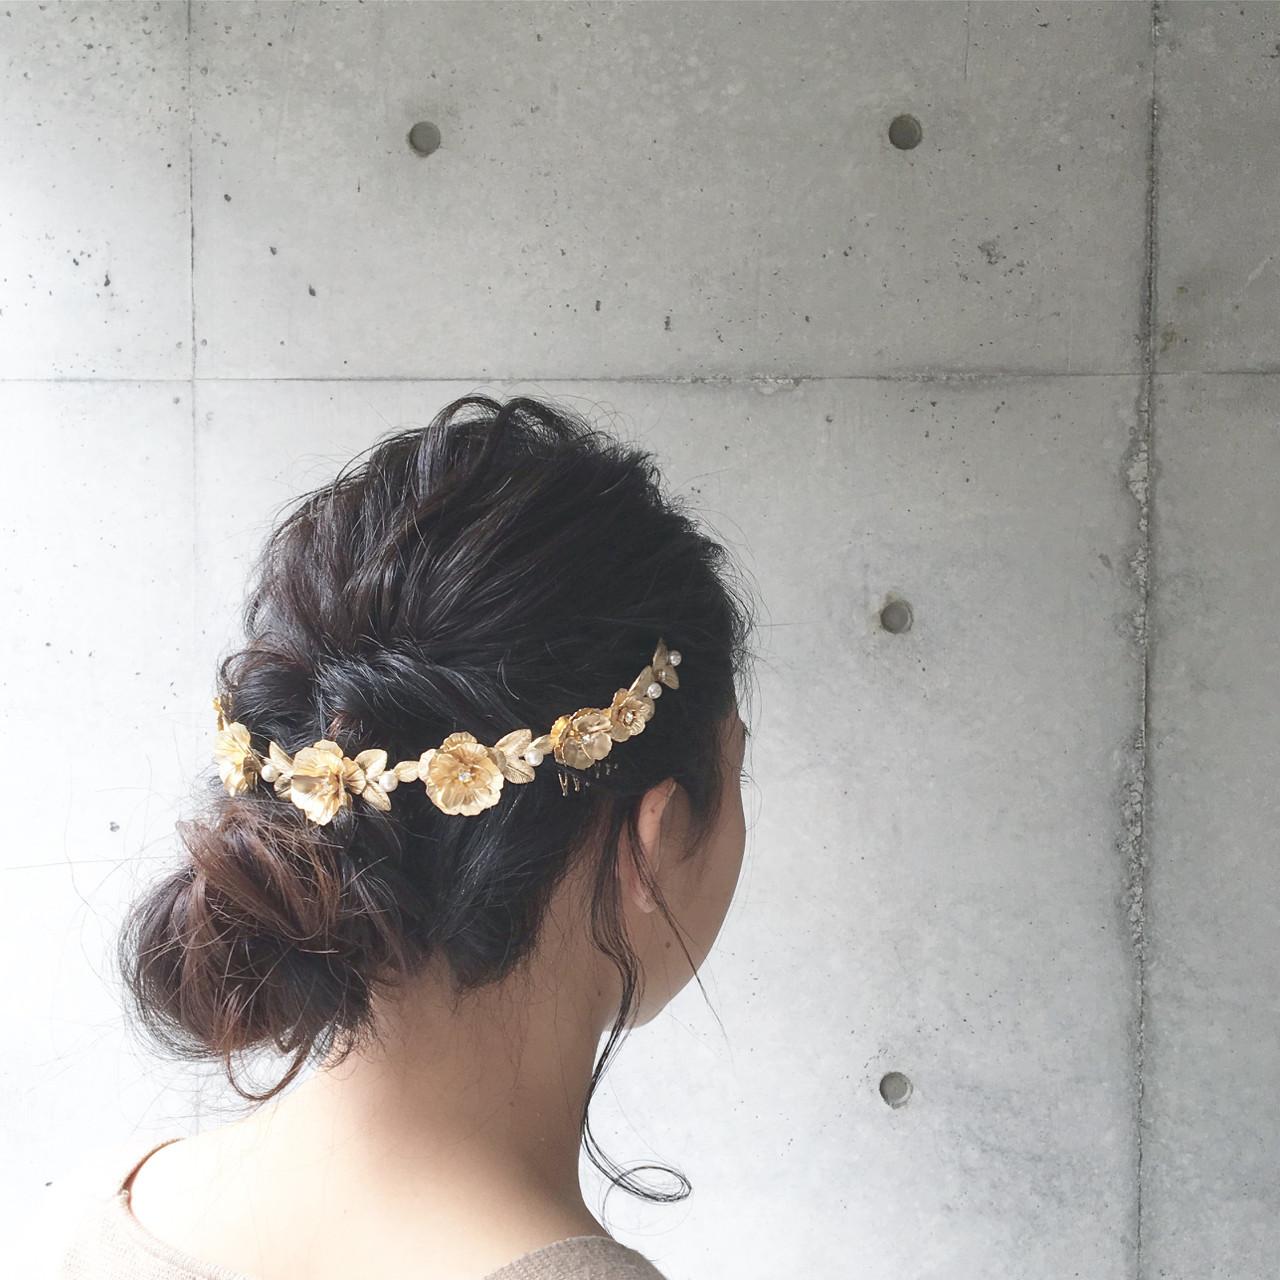 シニヨン セミロング 上品 エレガント ヘアスタイルや髪型の写真・画像